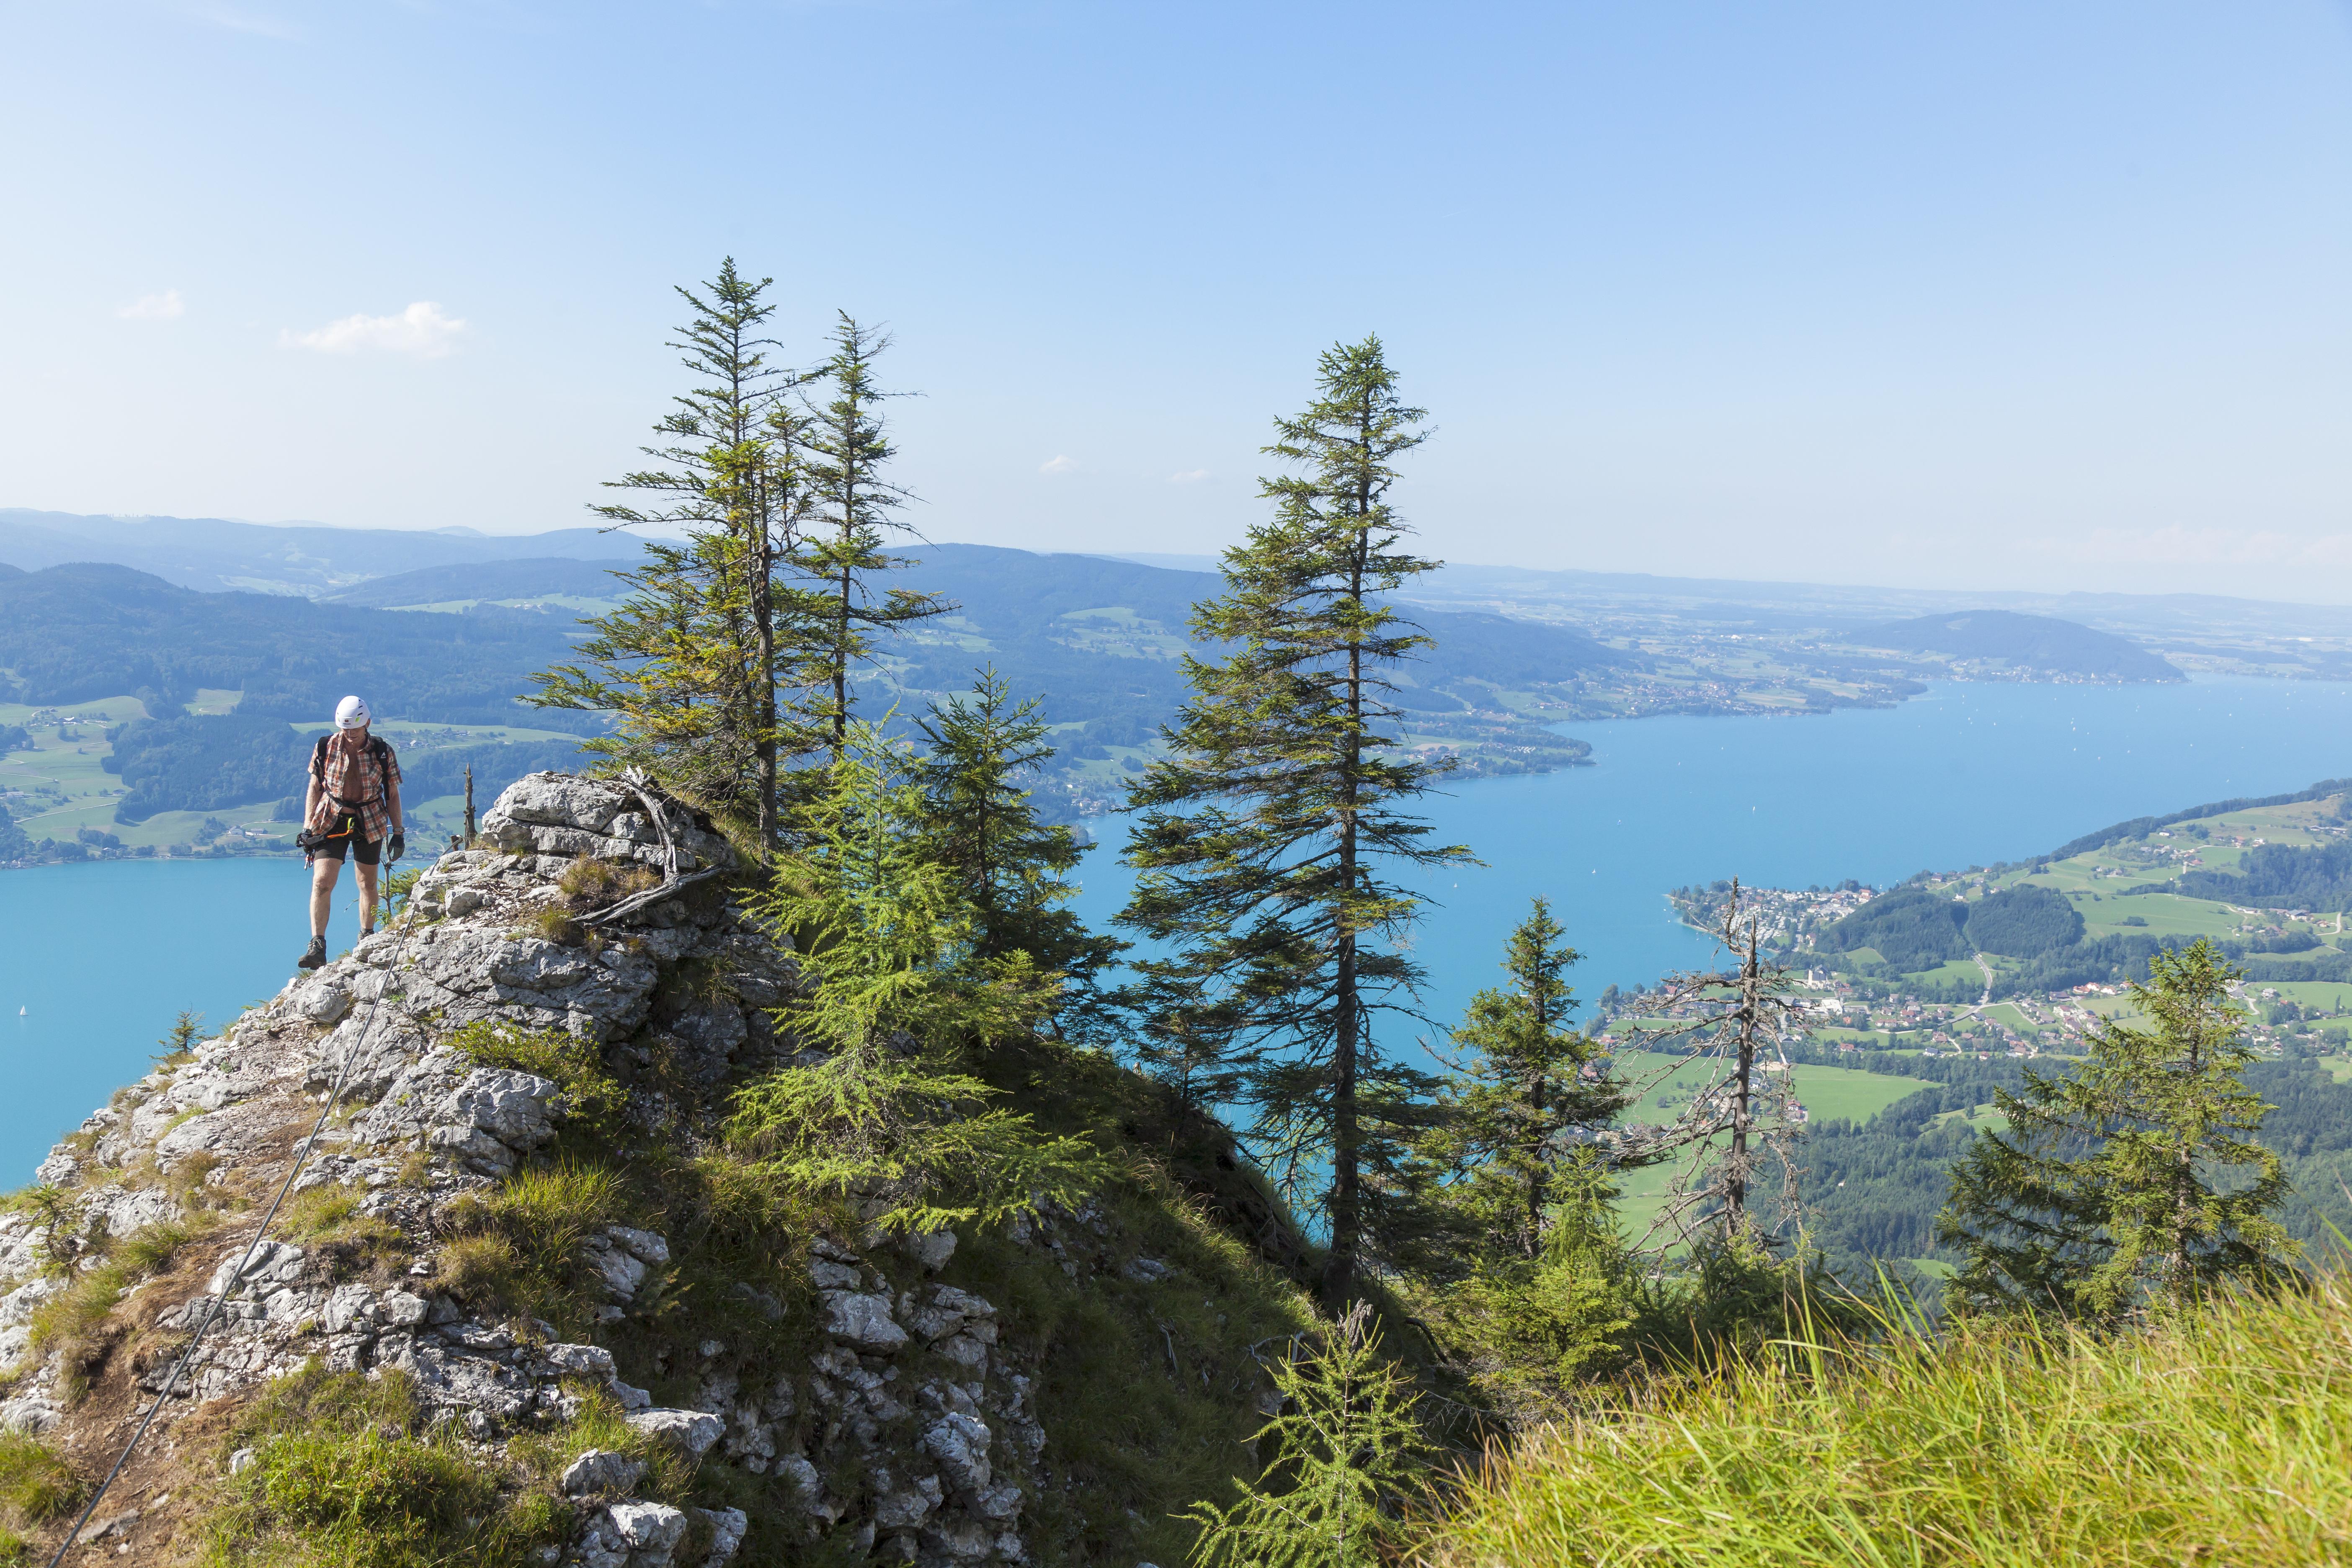 Klettersteigset Anlegen Bremsseil : Klettersteigset u wikipedia